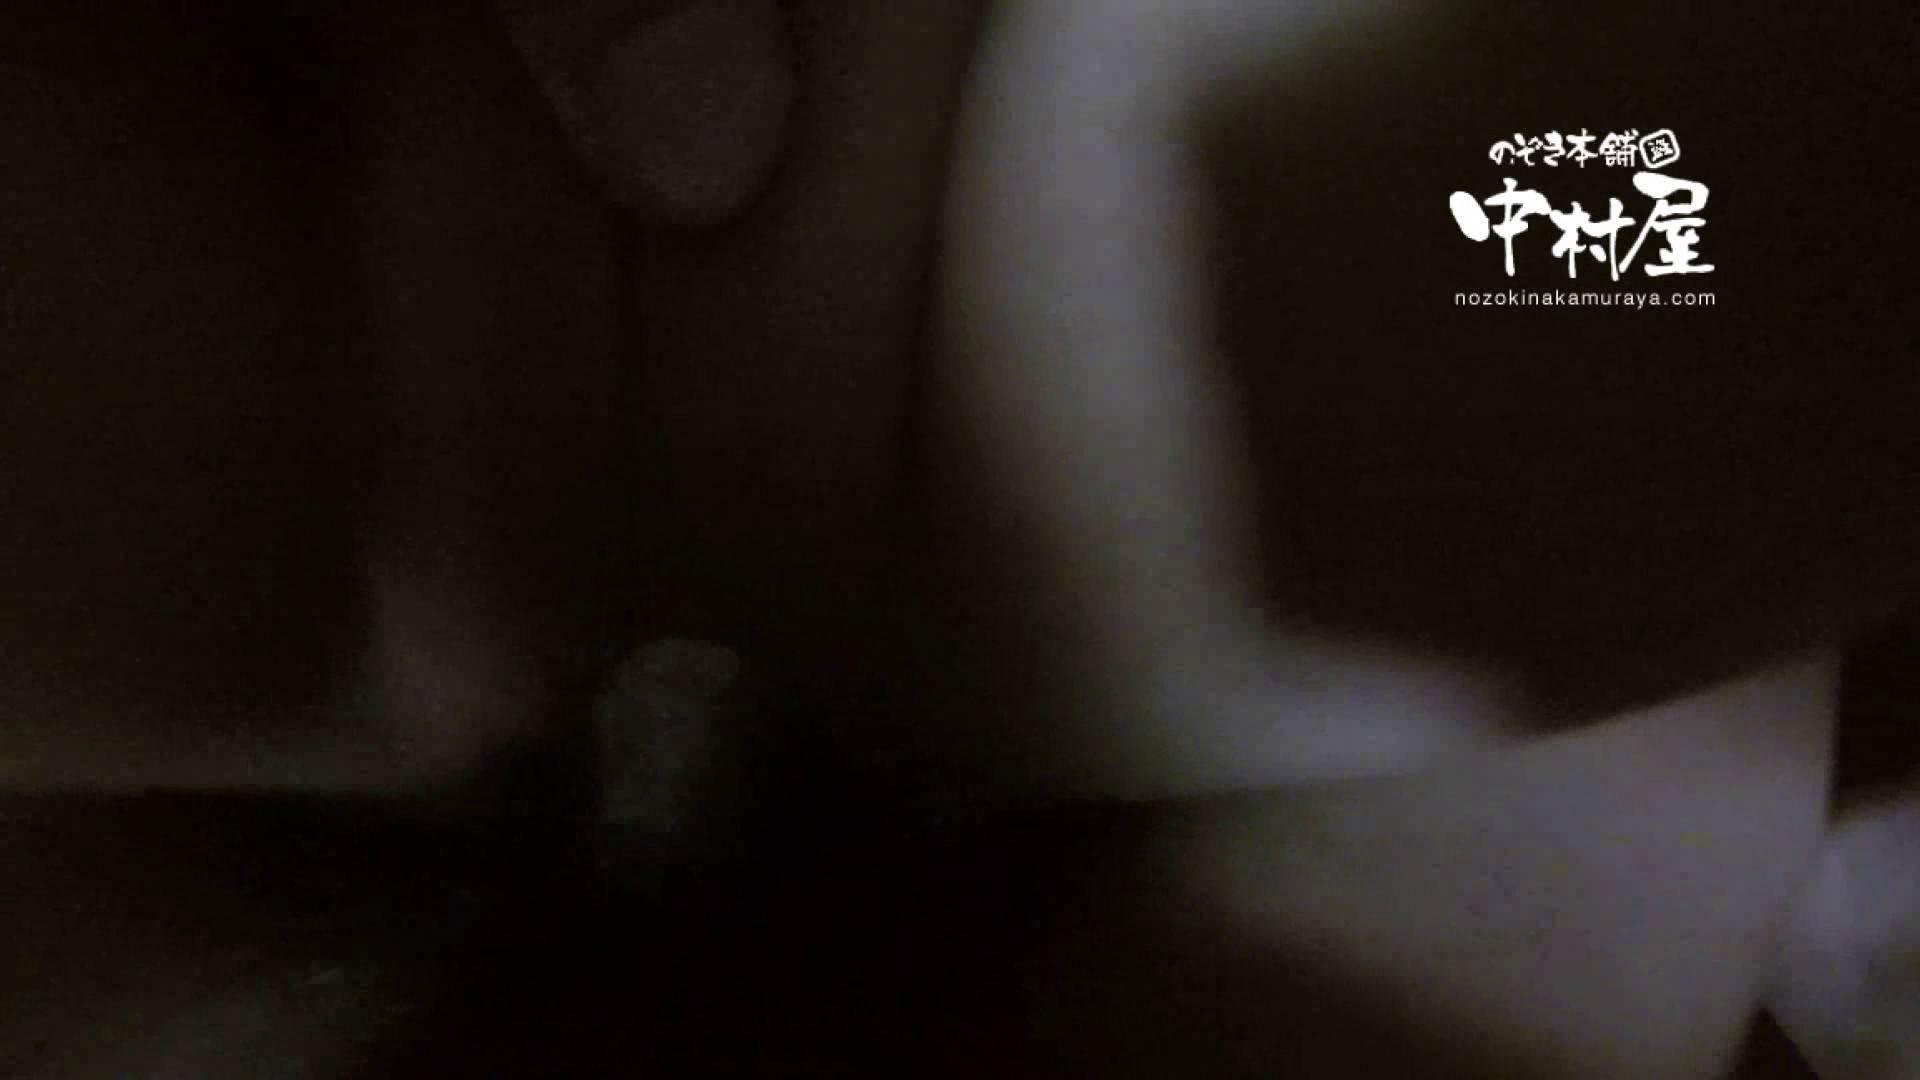 鬼畜 vol.10 あぁ無情…中出しパイパン! 後編 中出し ワレメ無修正動画無料 41pic 14